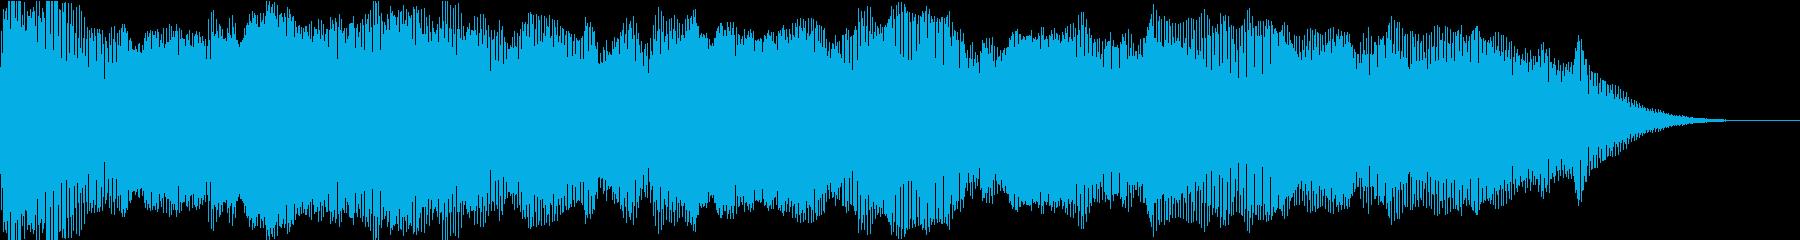 ムードレイヤーの再生済みの波形